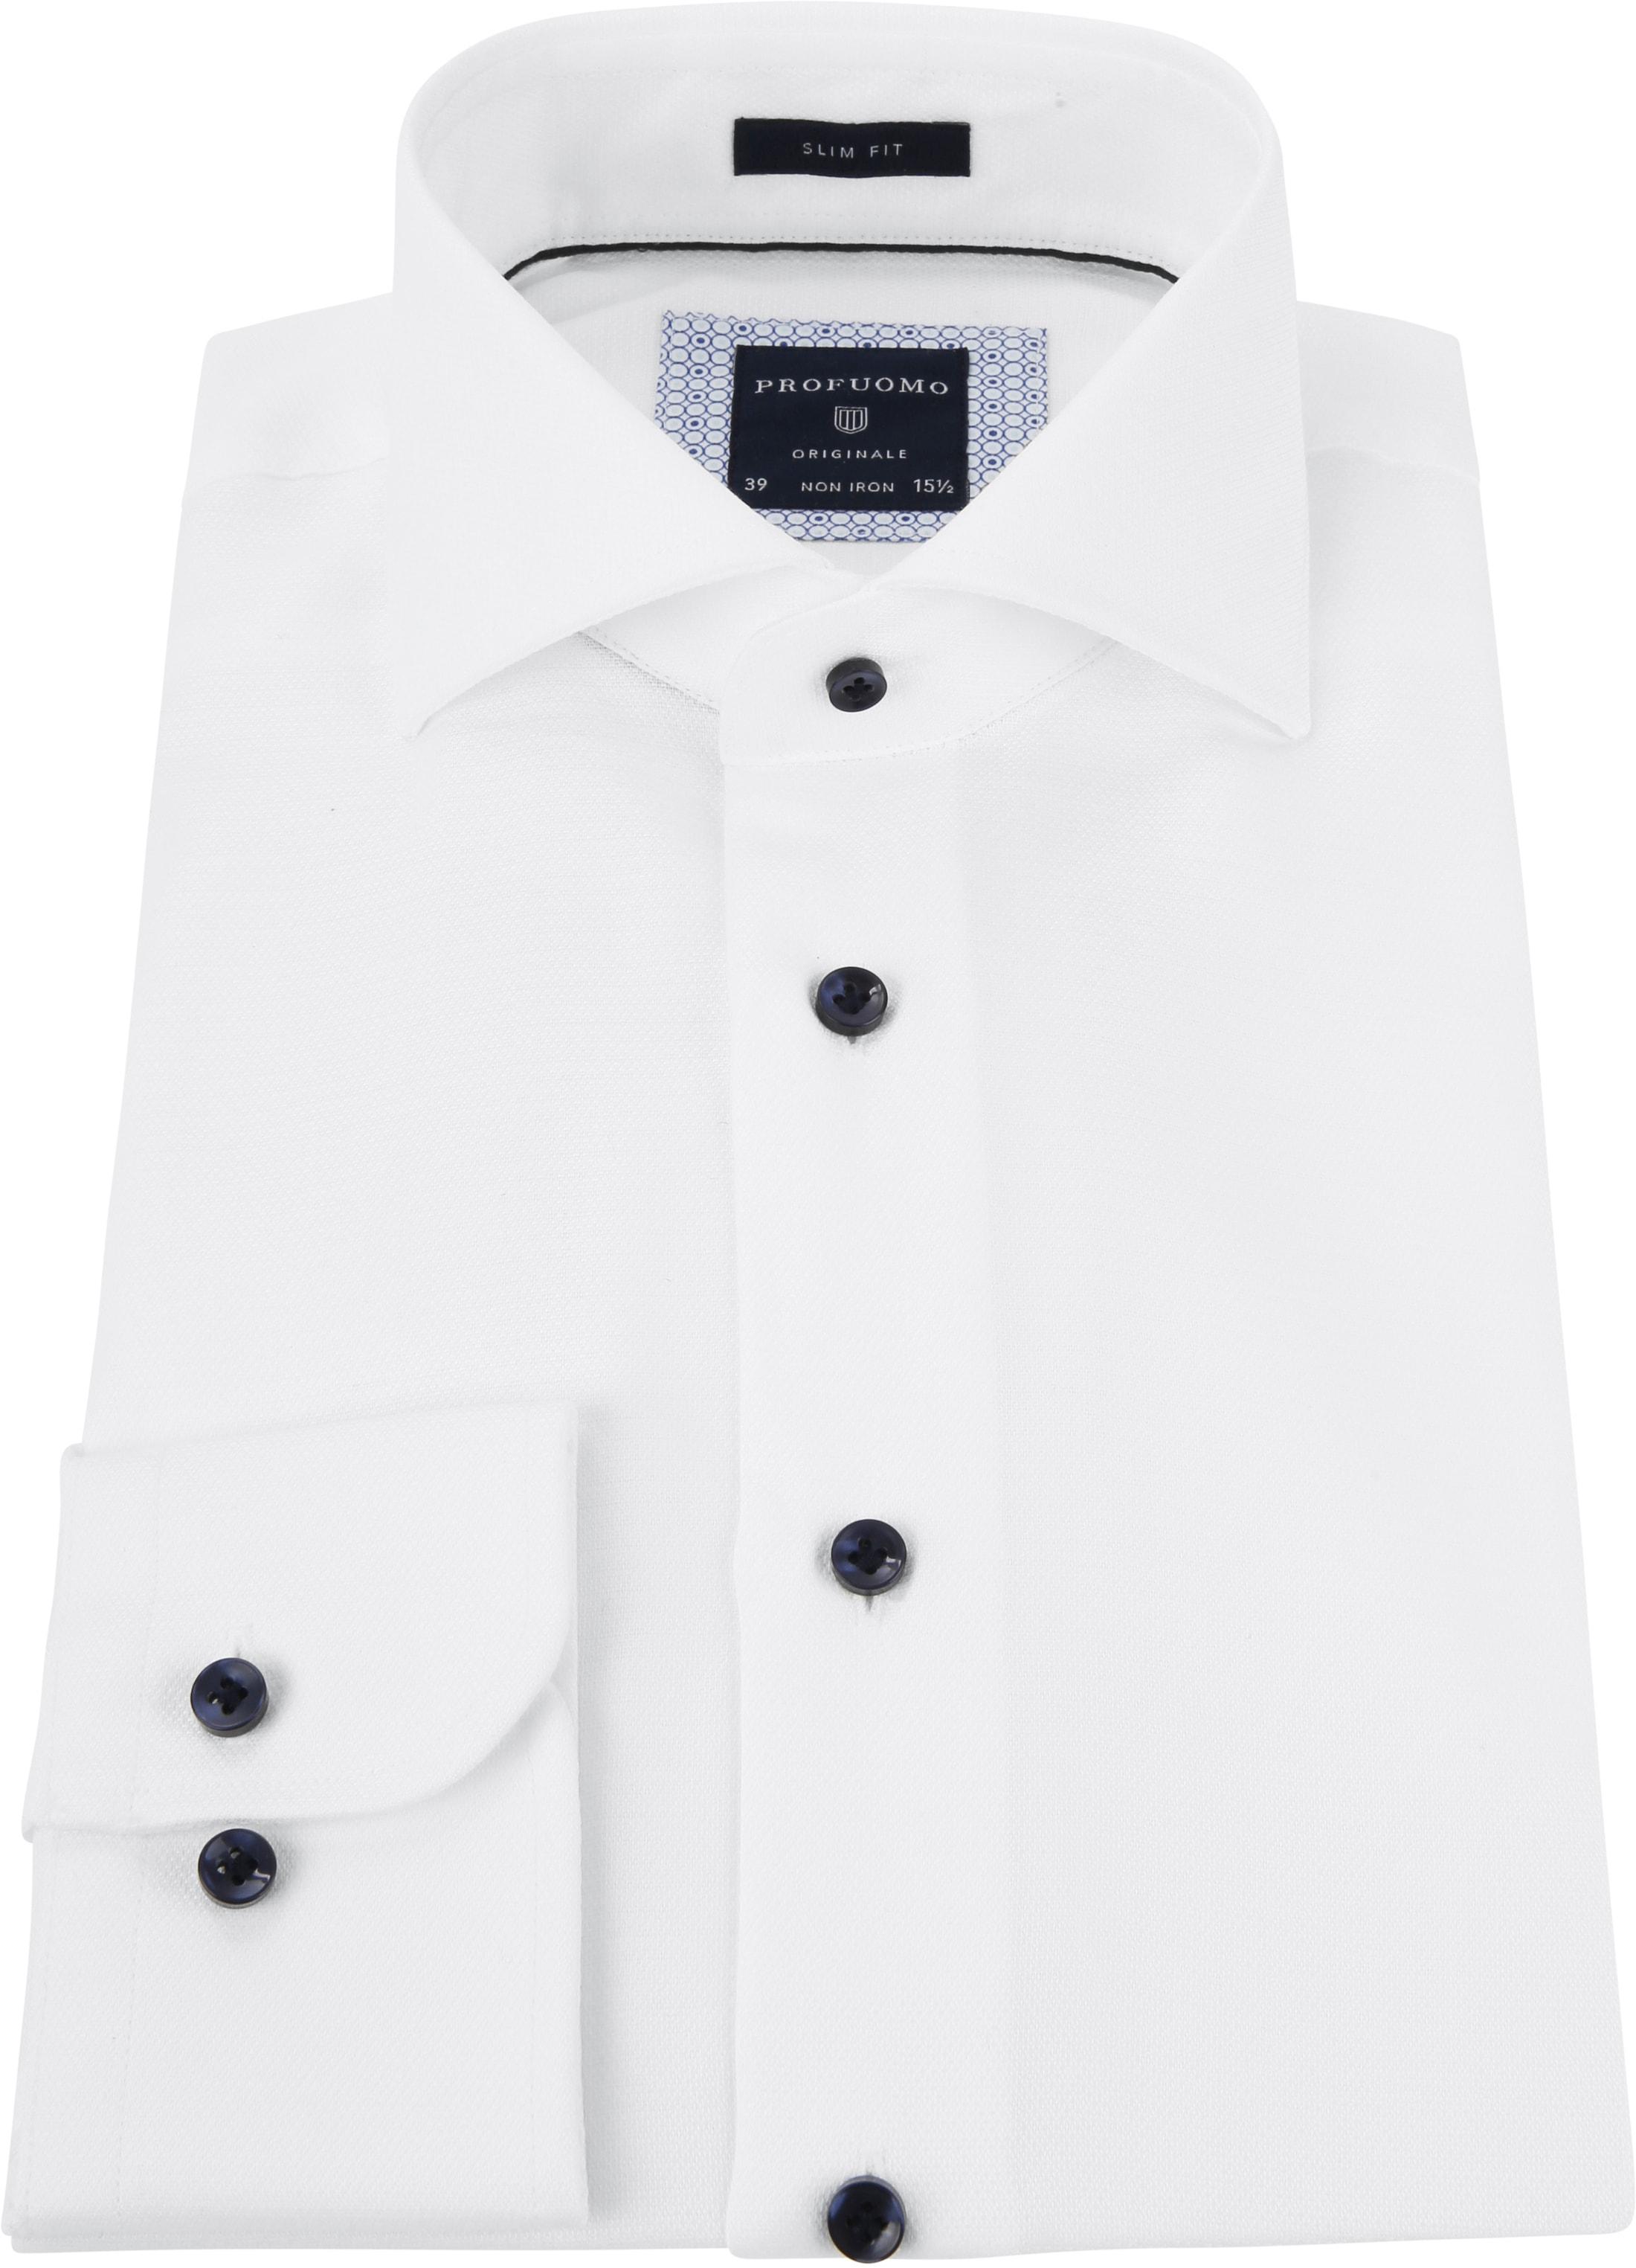 Profuomo Shirt Dobby White foto 3